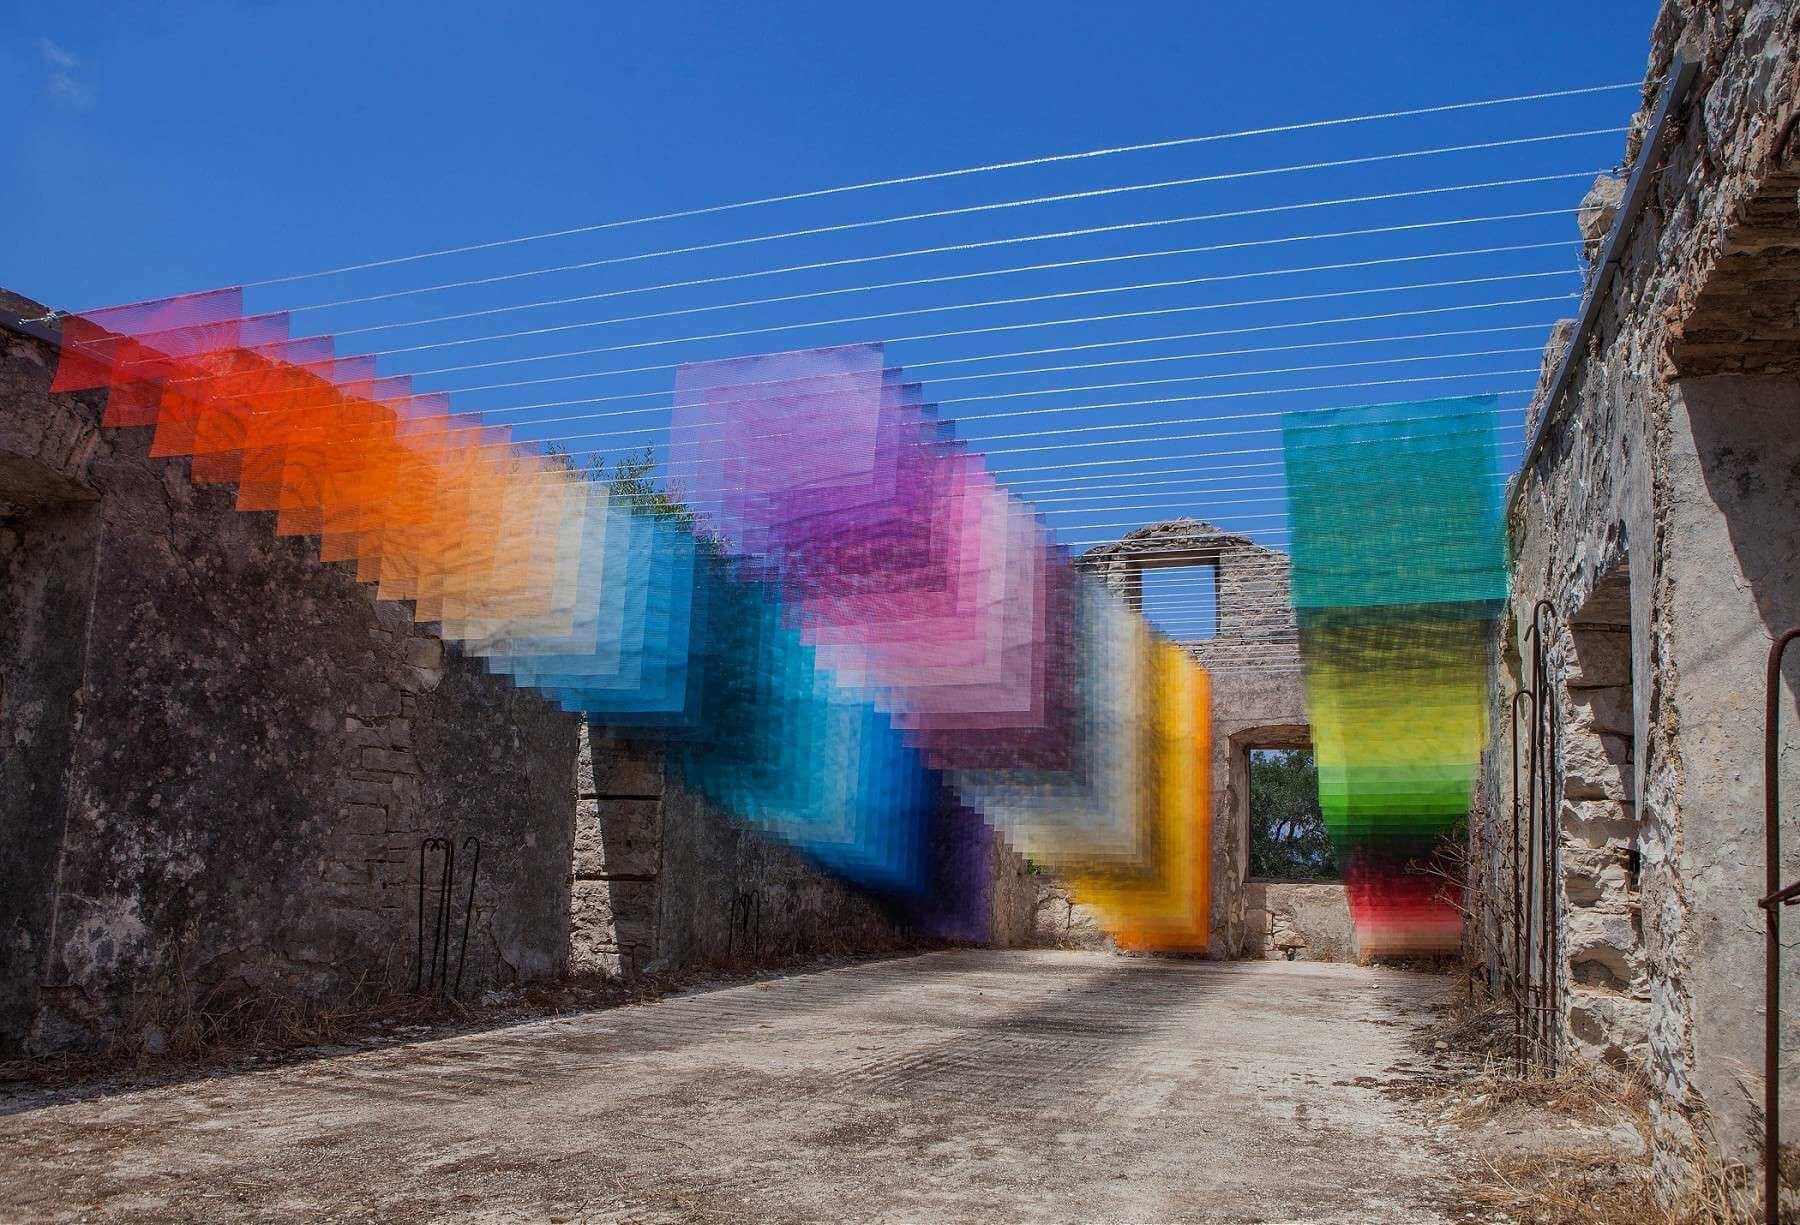 Quintessenz: Píxeles reales sobre ruinas griegas para unir el mundo análogo y digital